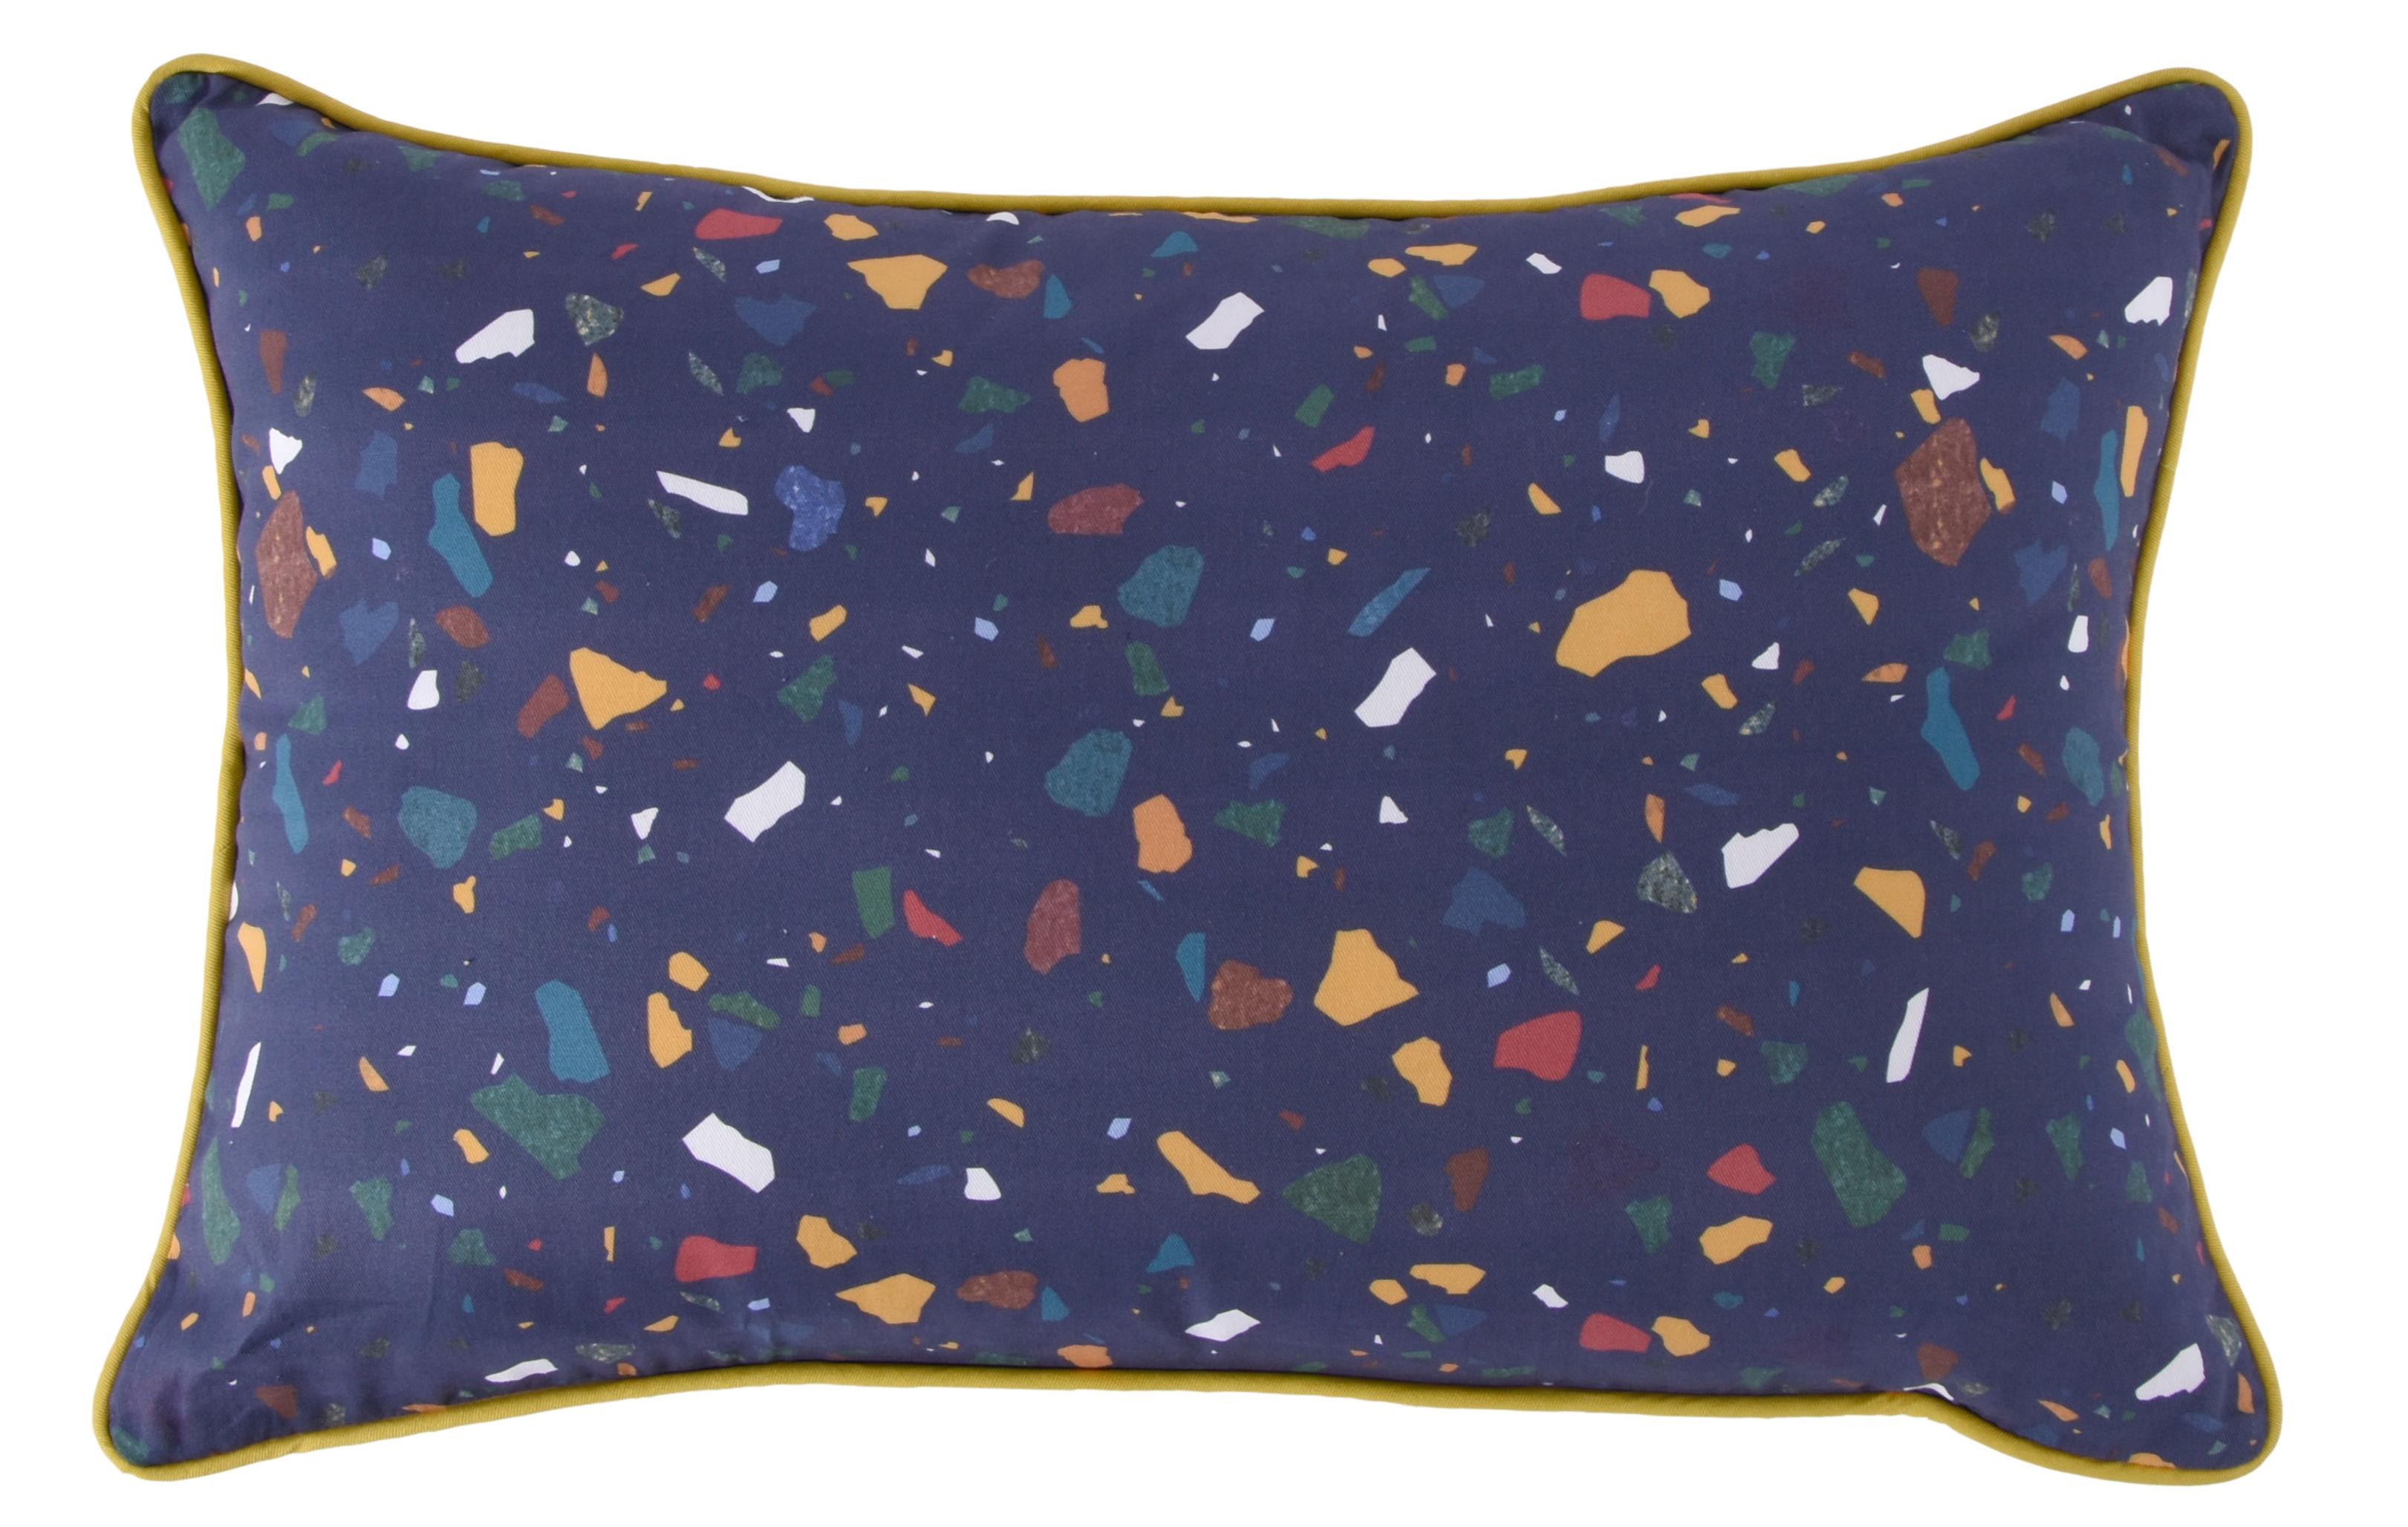 Déco - Coussins - Coussin My Terrazza / 60 x 40 cm - ENOstudio - Bleu marine - Coton